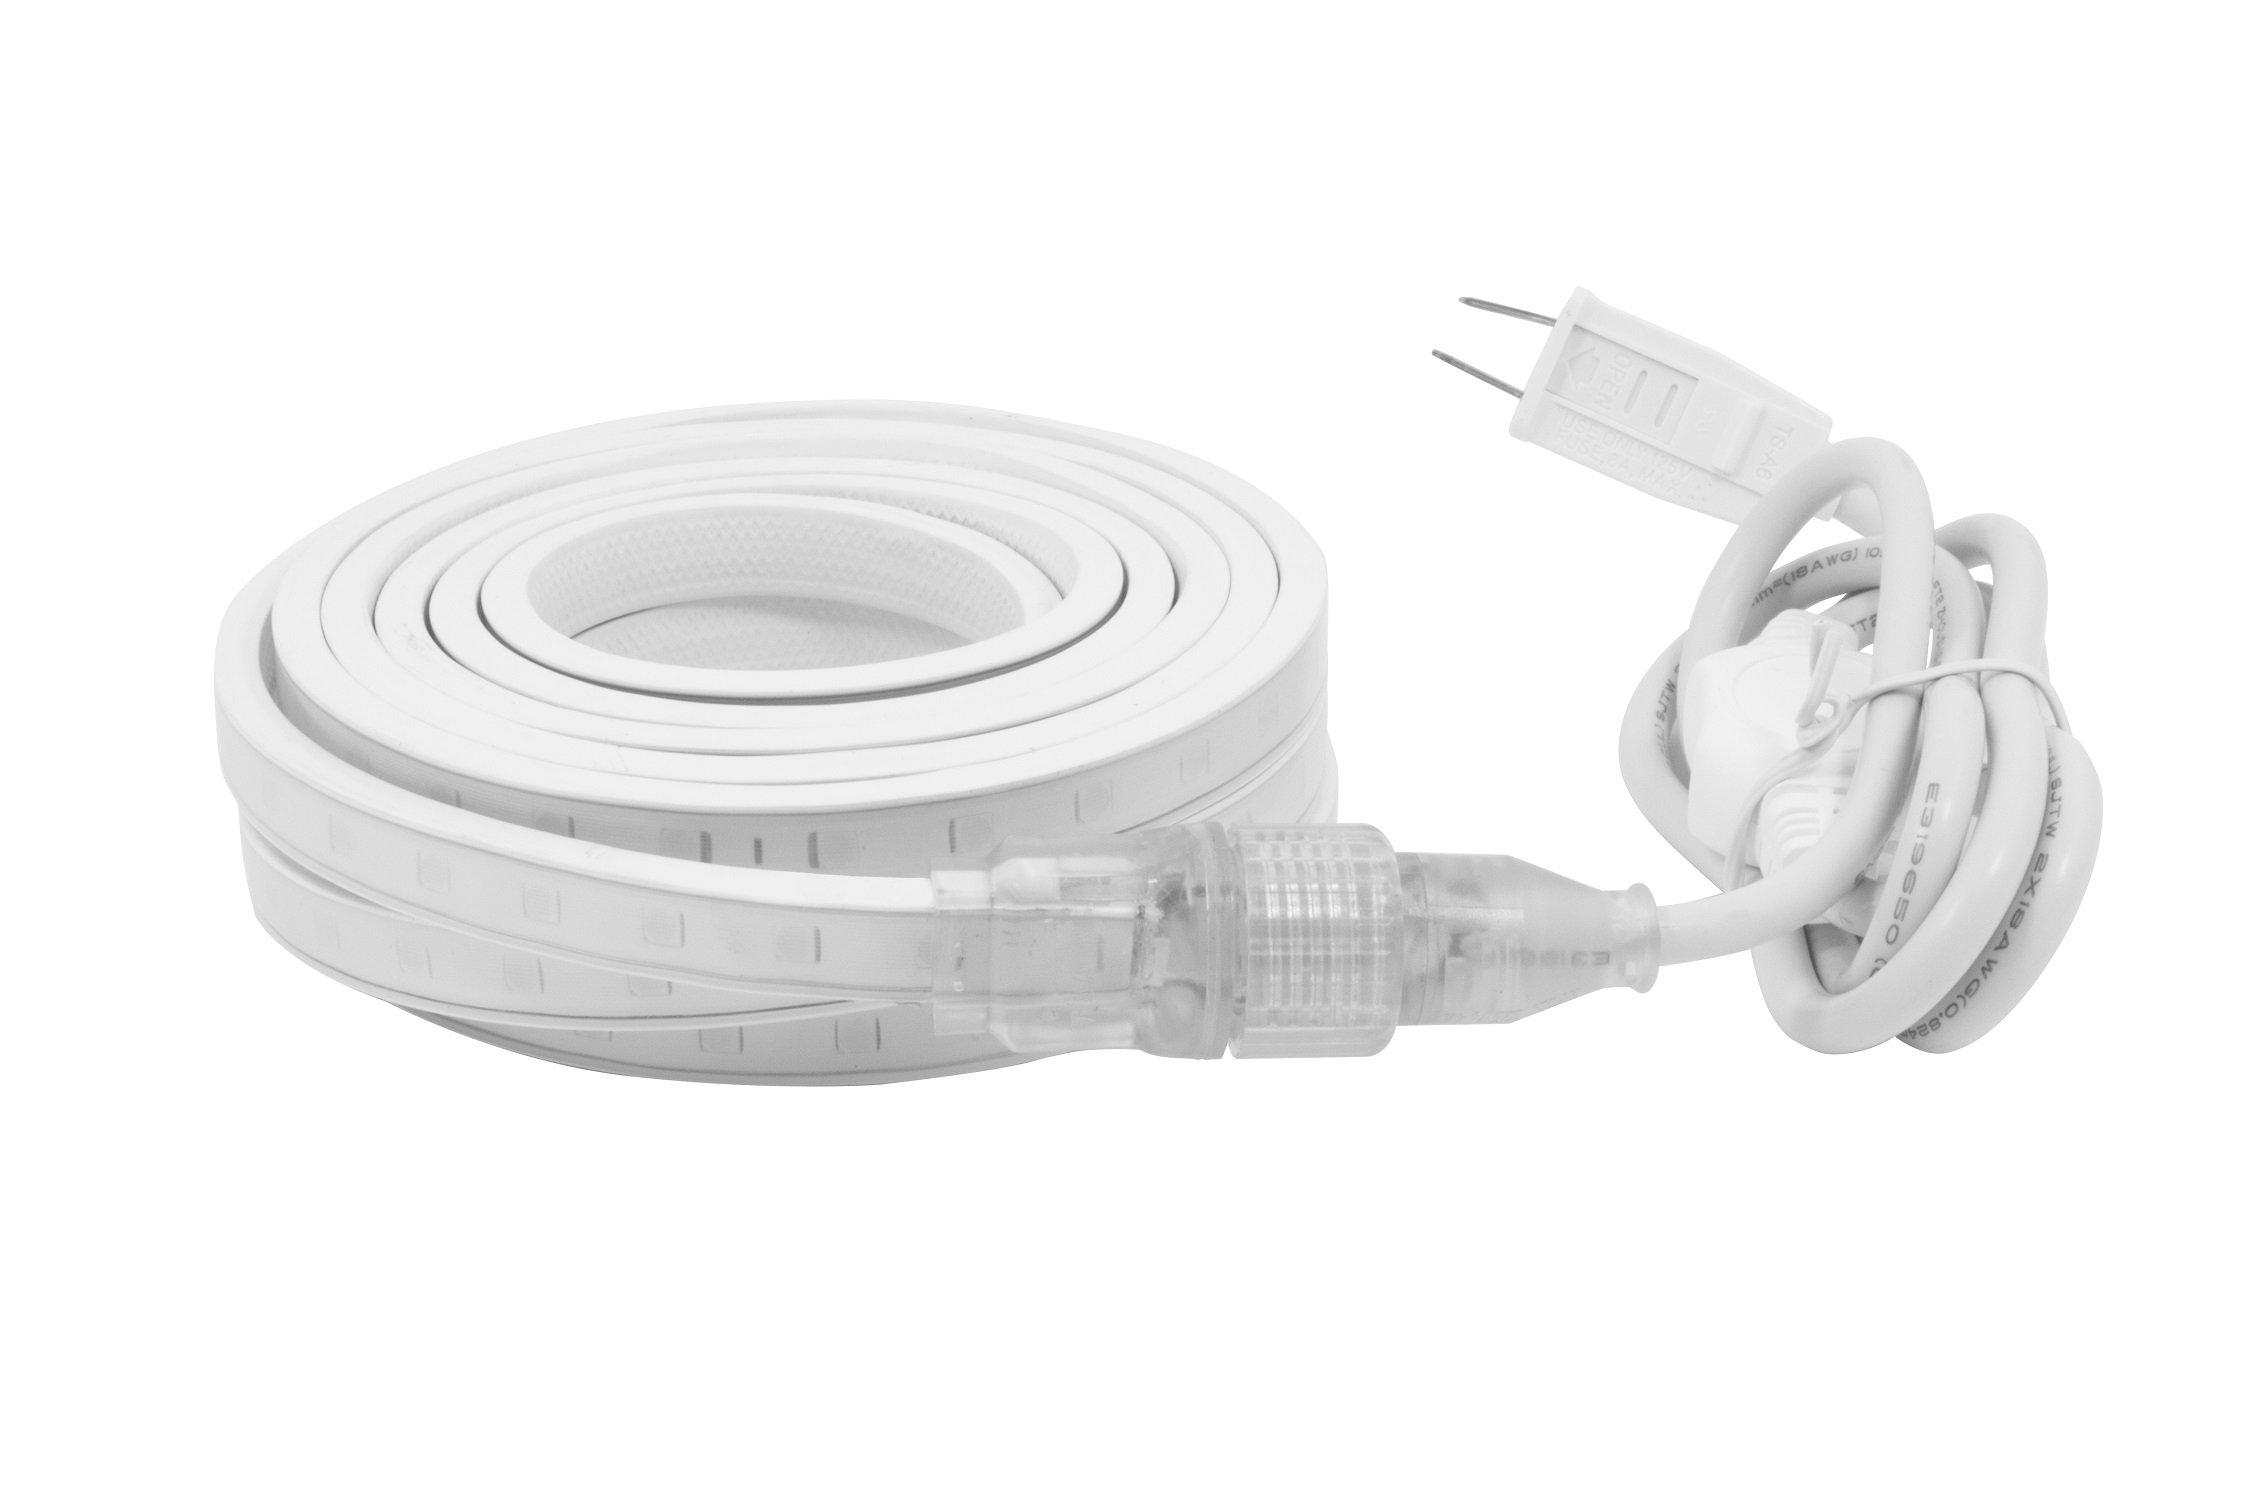 American Lighting H2-KIT-45-WH LED Hybrid2 Accent Lighting Kit, Dimmable, 5000K Bright White, 120V, 135-Watts, 45-Foot